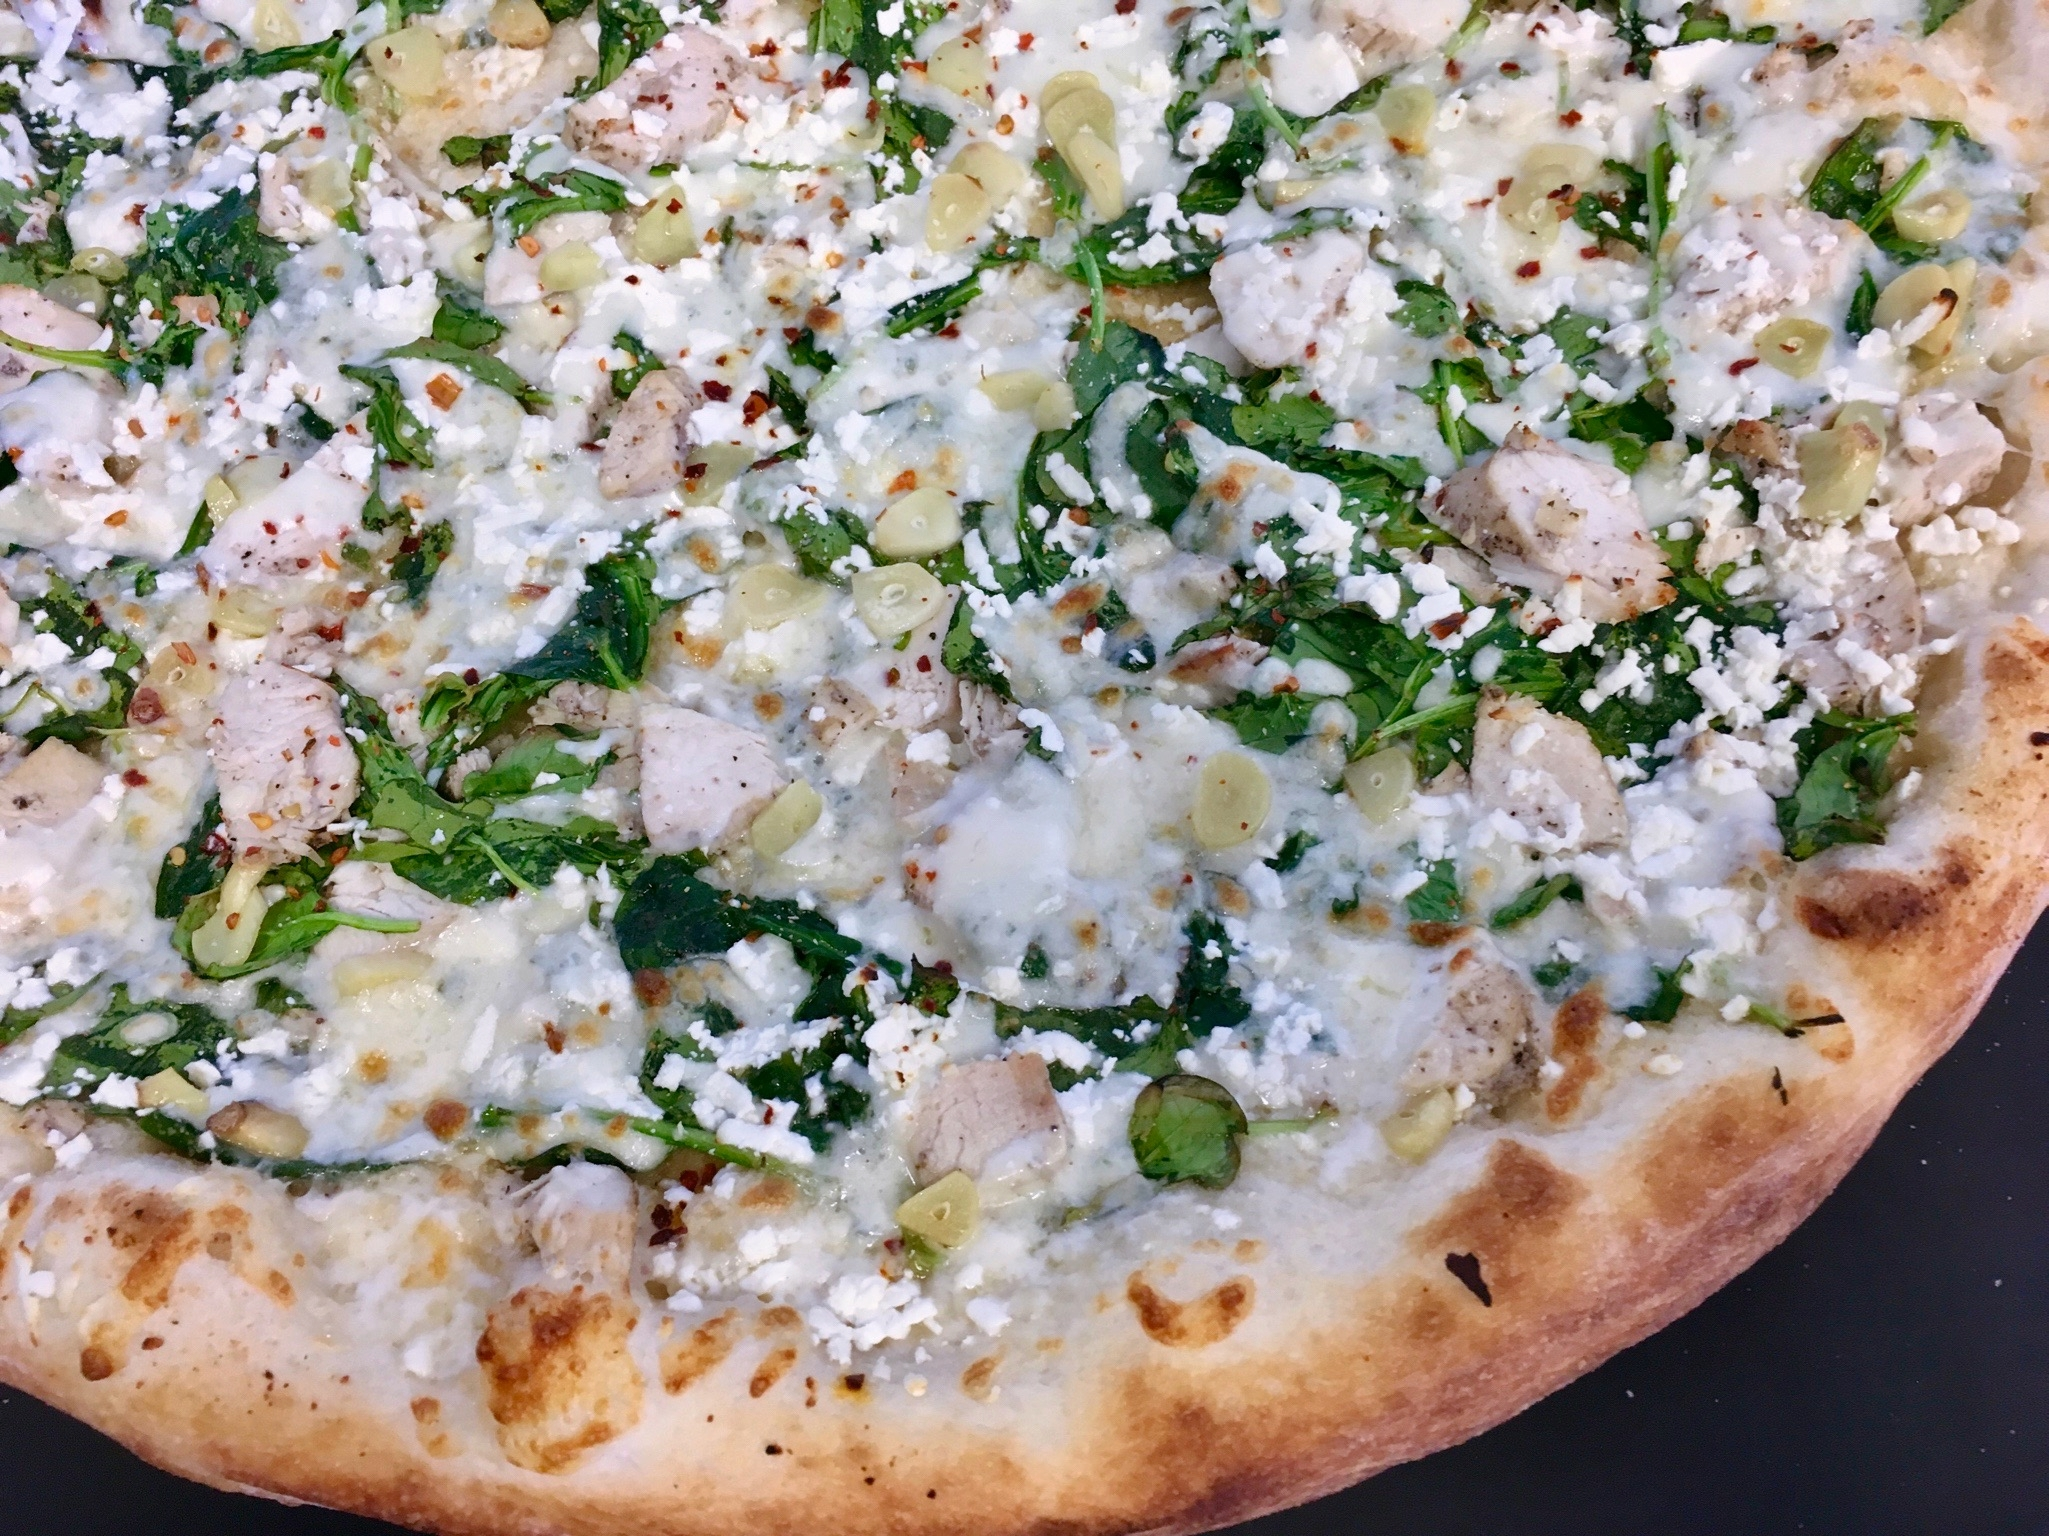 Spinach Roasted Garlic Chicken Pizza